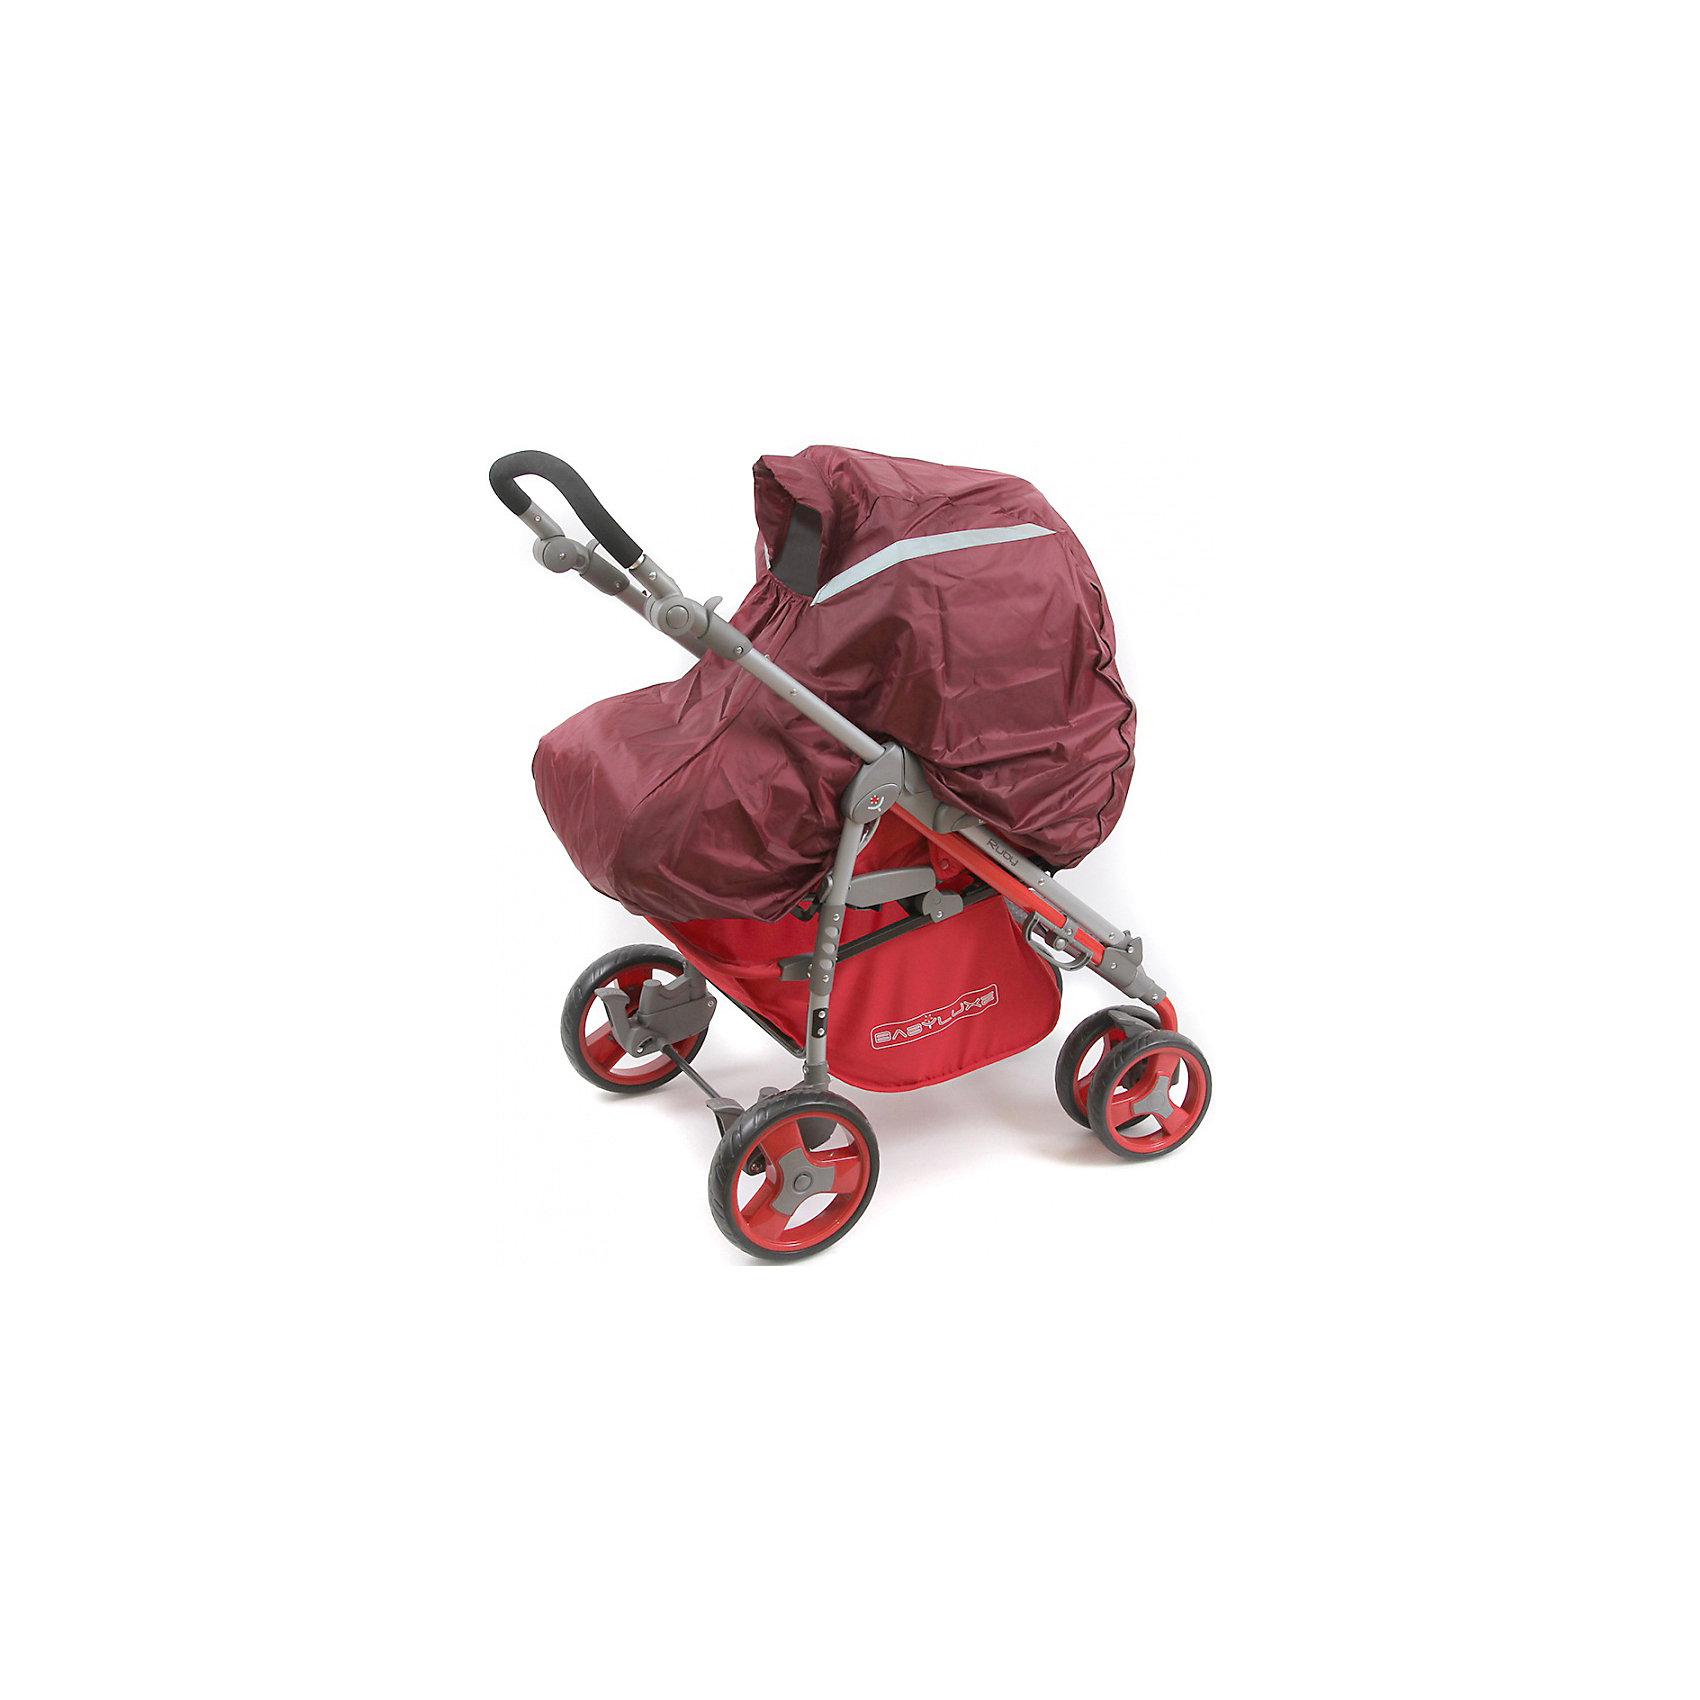 Дождевик для универсальной/ прогулочной коляски Плащевка, Bambola, вассортименте